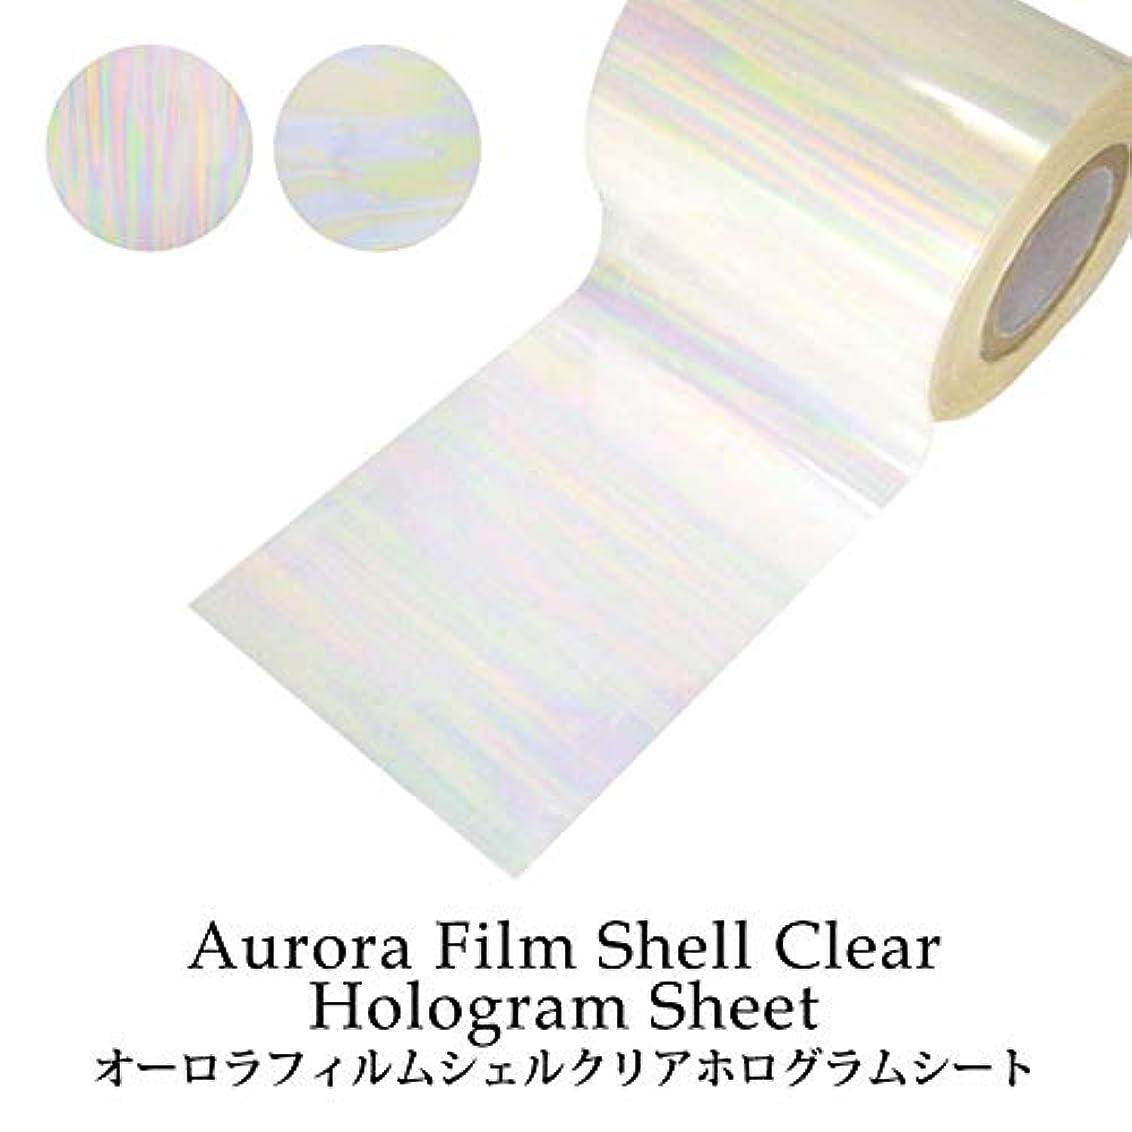 ピラミッド運営樹木オーロラフィルム シェルクリア ホログラムシート(1-2) 1枚入り (2.シェルクリア(横))